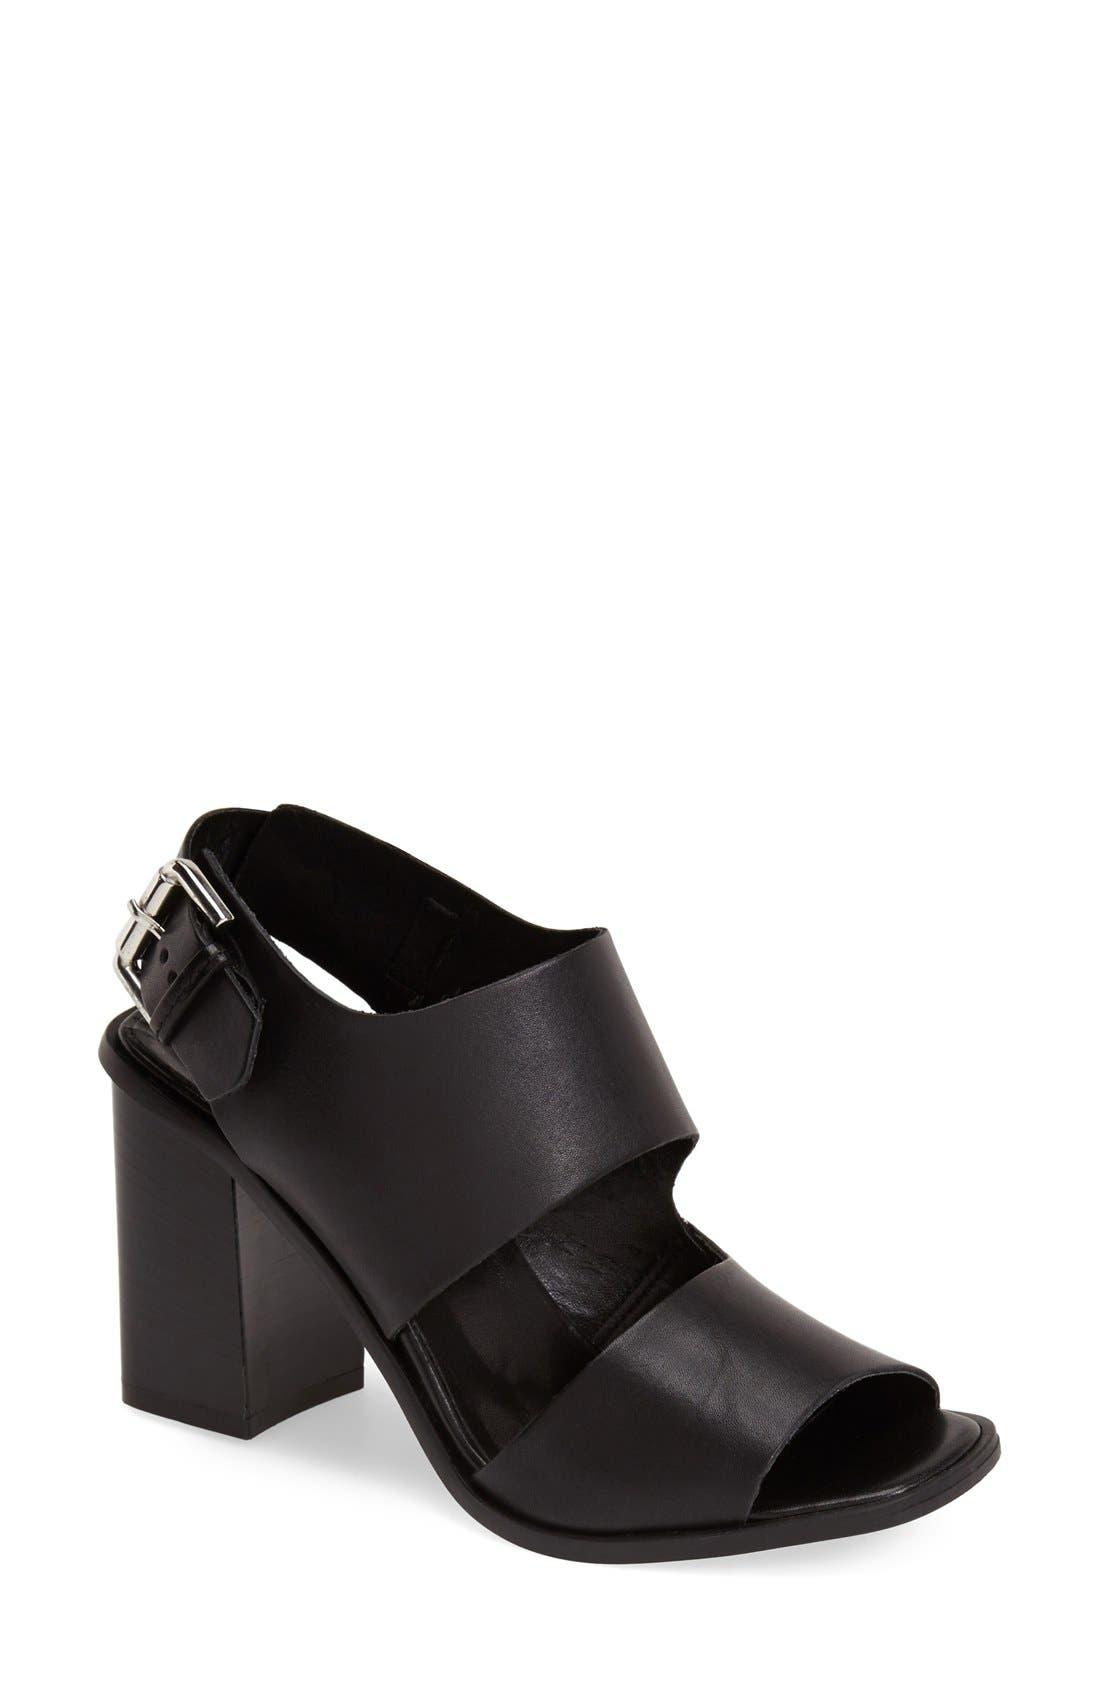 Main Image - Topshop 'React' Block Heel Sandal (Women)